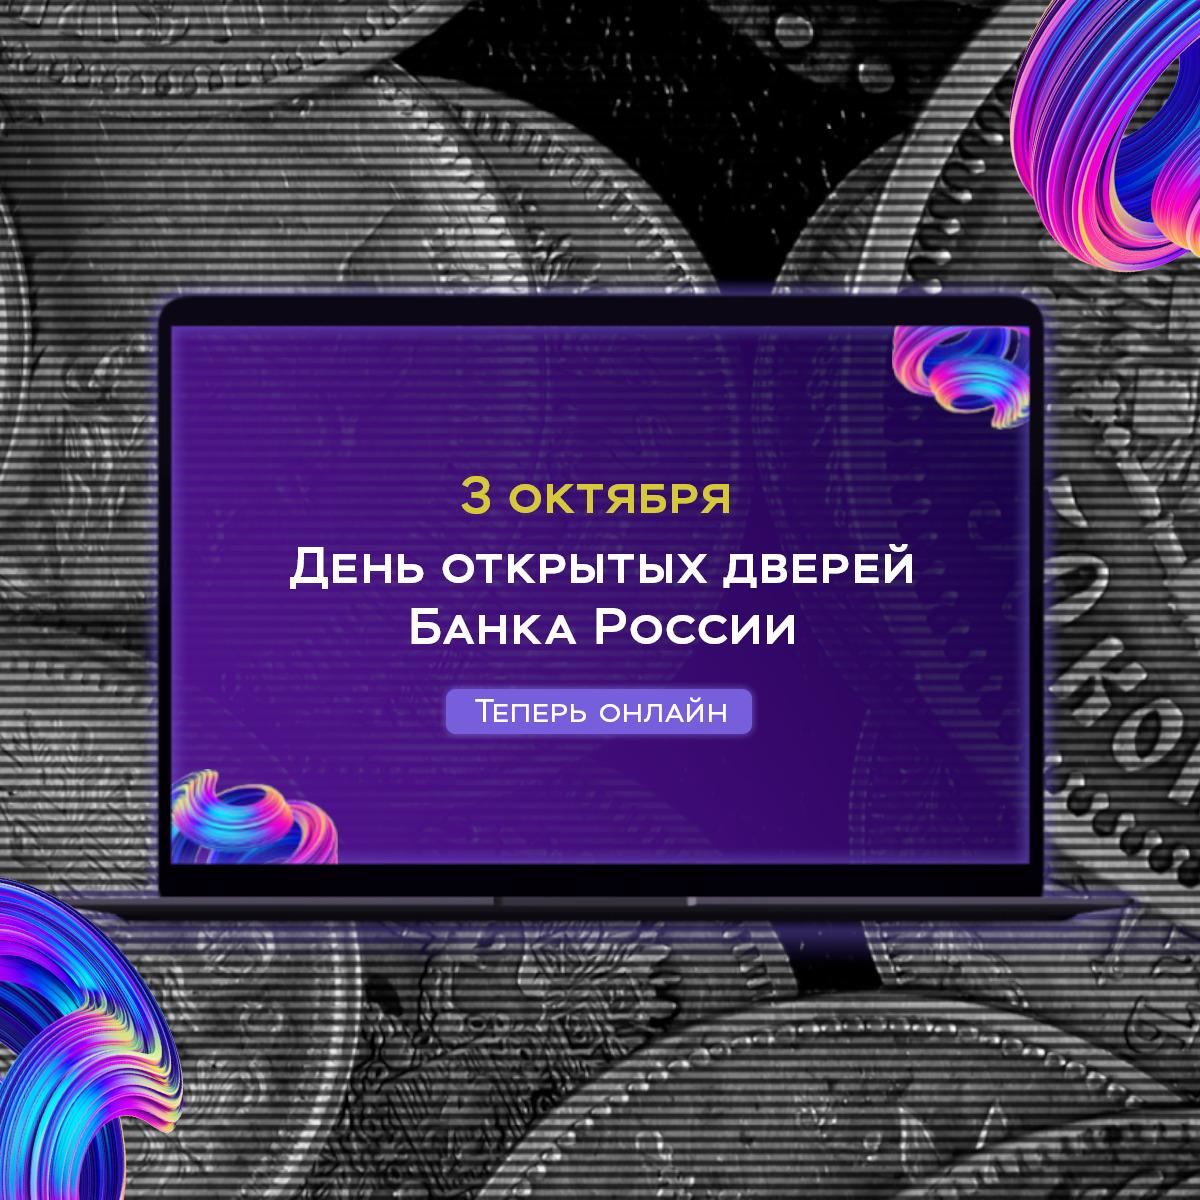 День открытых дверей Банка России в режиме онлайн